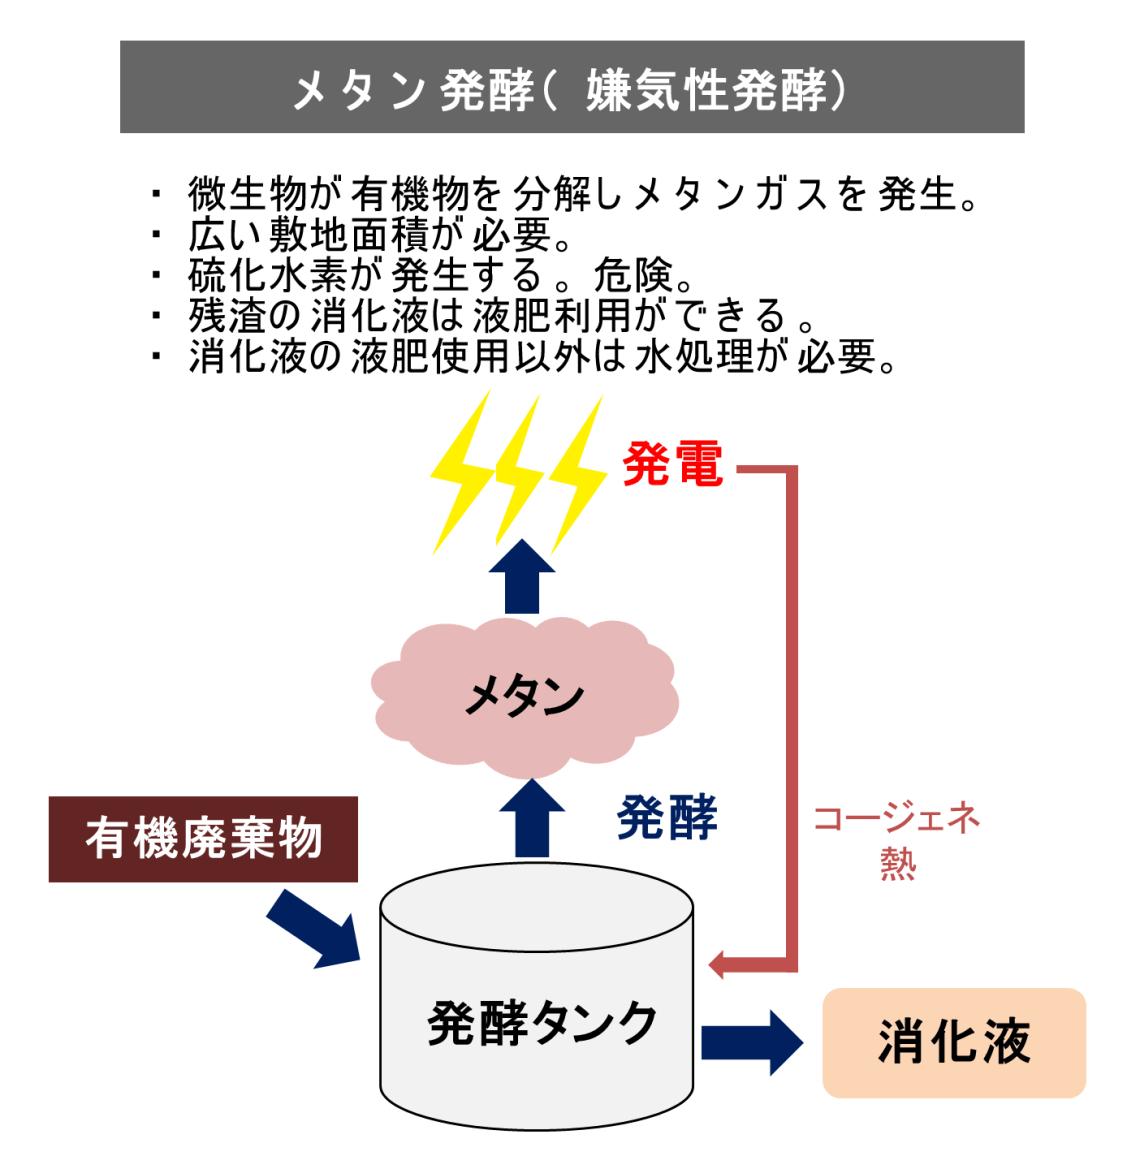 メタン発酵 熱分解装置 炭化 ガス化 Biogreen 2018.2.15